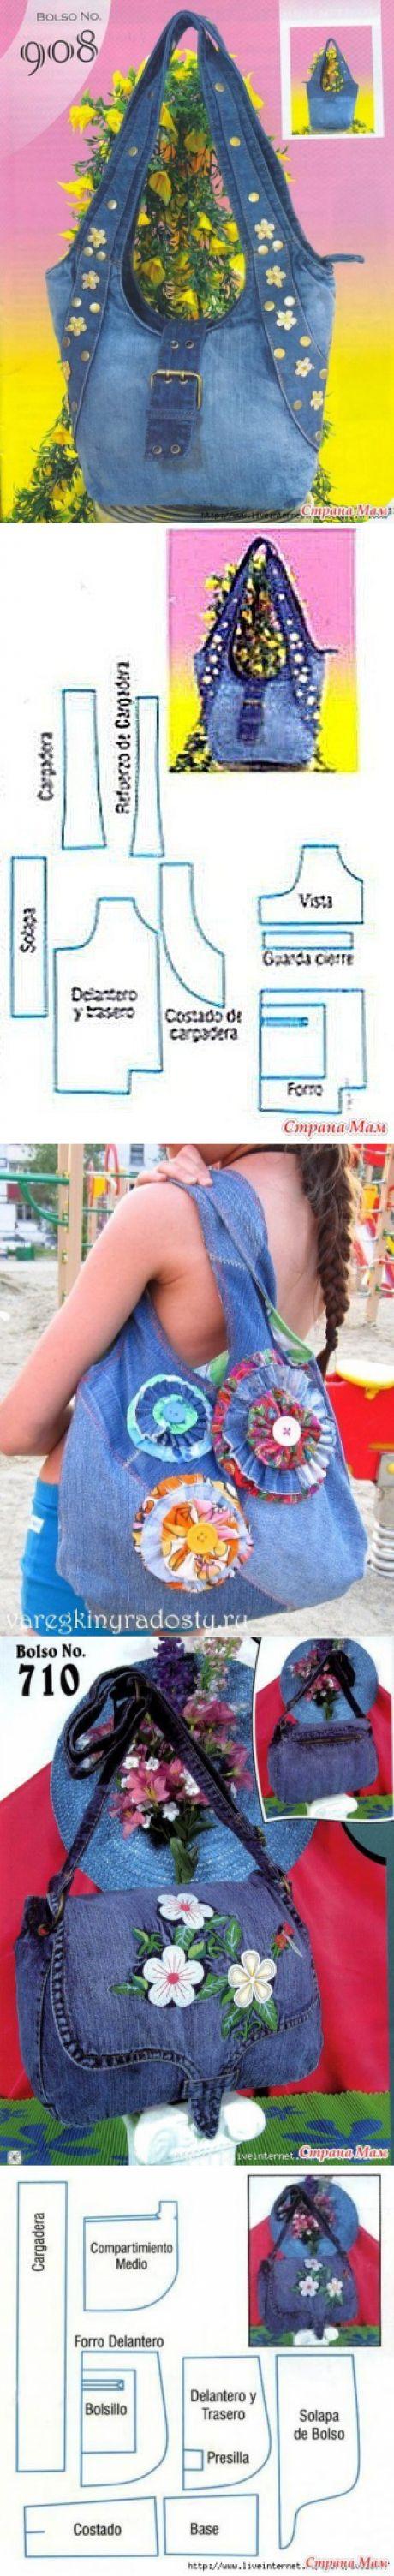 Denim + sumki.Idei patrón (costura y sastrería) | Revista inspiración modista